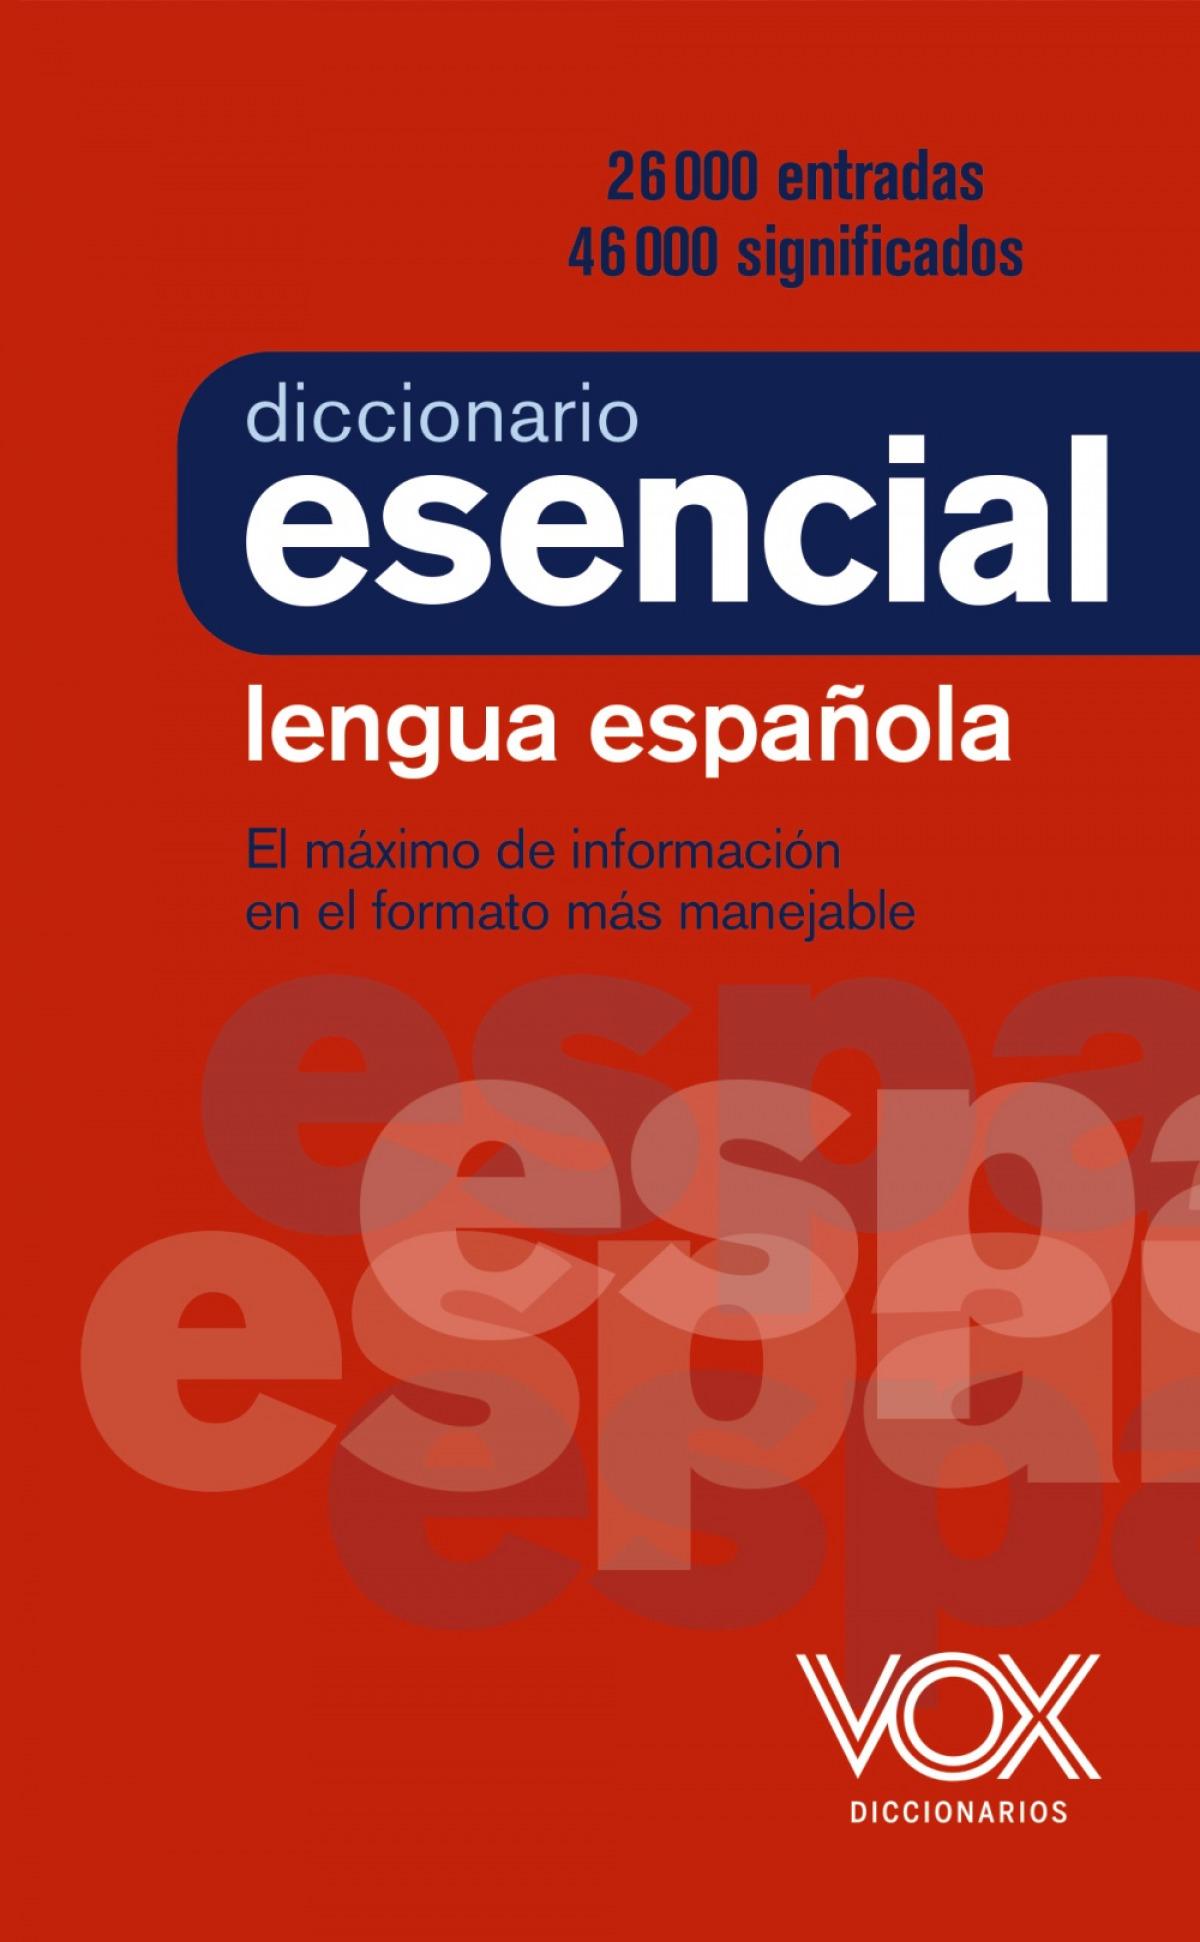 DICCIONARIO ESENCIAL DE LA LENGUA ESPAñOLA 9788499743394